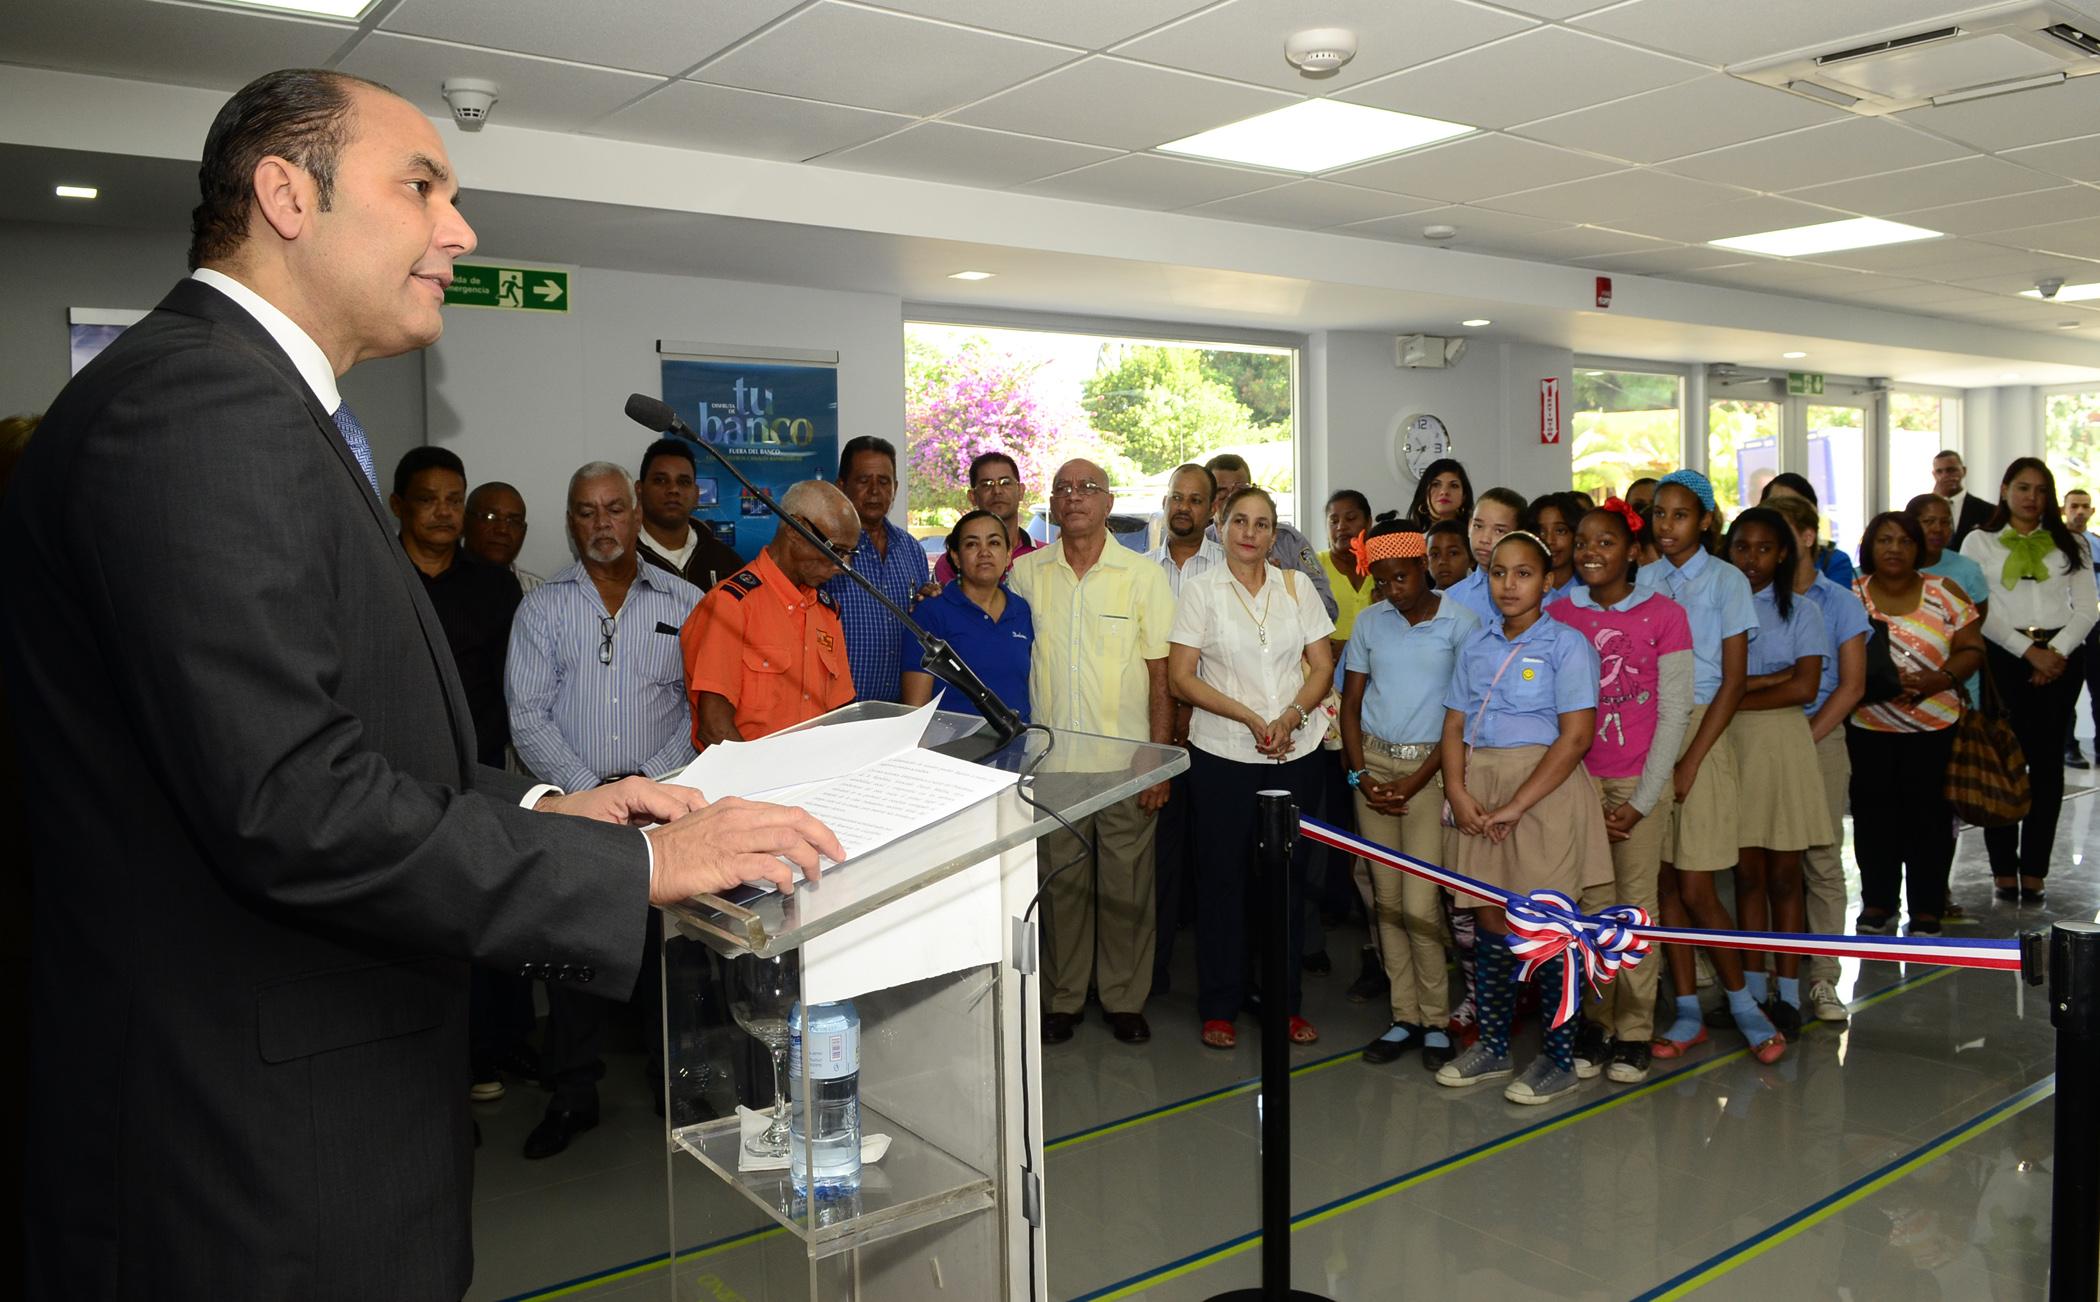 Enrique Ramírez Paniagua se dirige a los presentes durante al inauguración de la oficina del BanReservas en Guayubín.